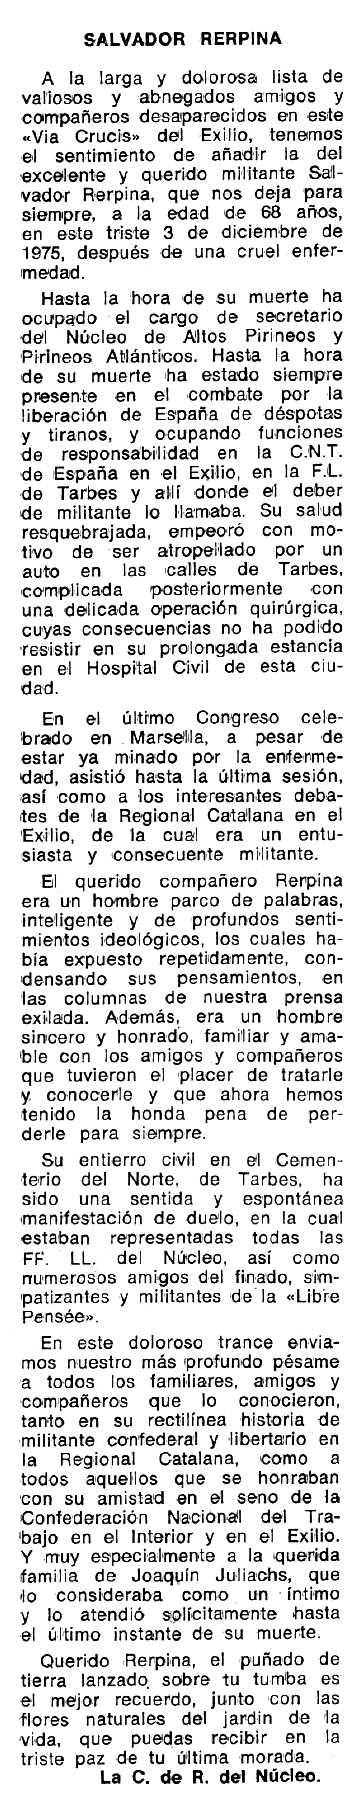 """Necrològica de Salvador Rerpina Villosa apareguda en el periòdic tolosà """"Espoir"""" del 15 de febrer de 1976"""